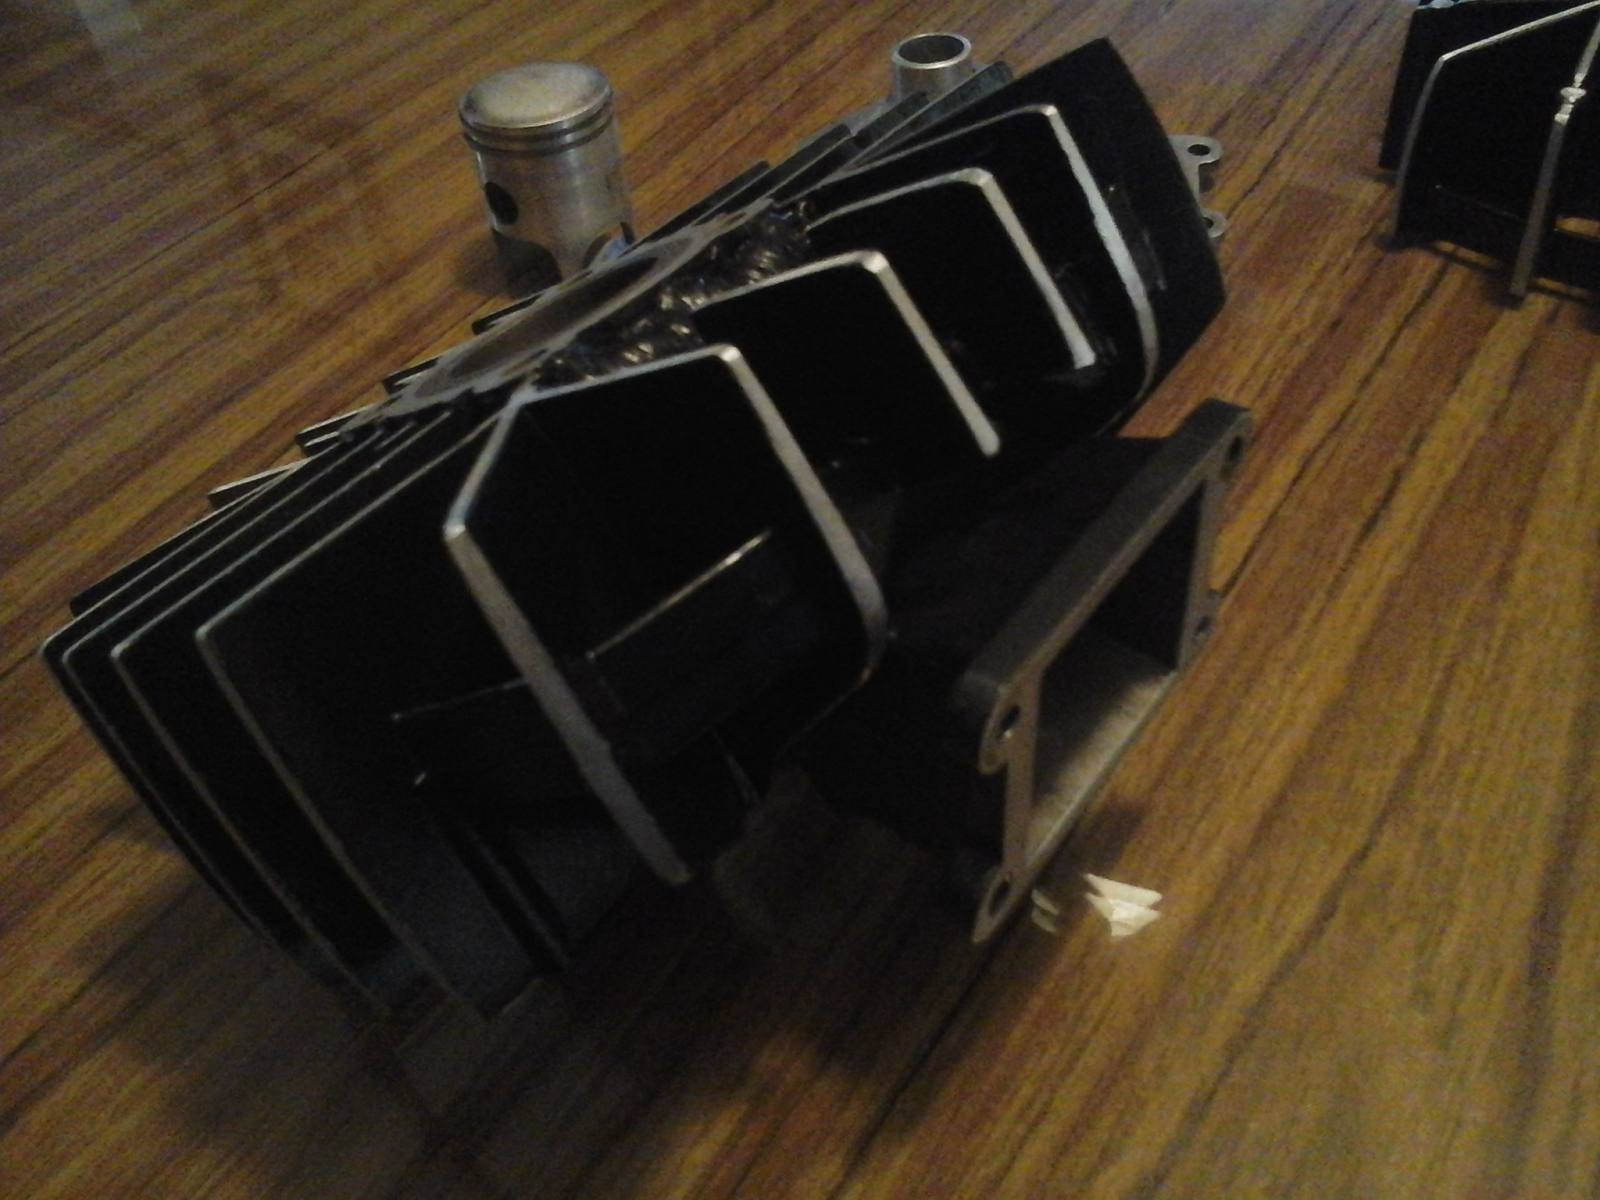 Mejorando cilindro Puch 50 4V 2m5csj7